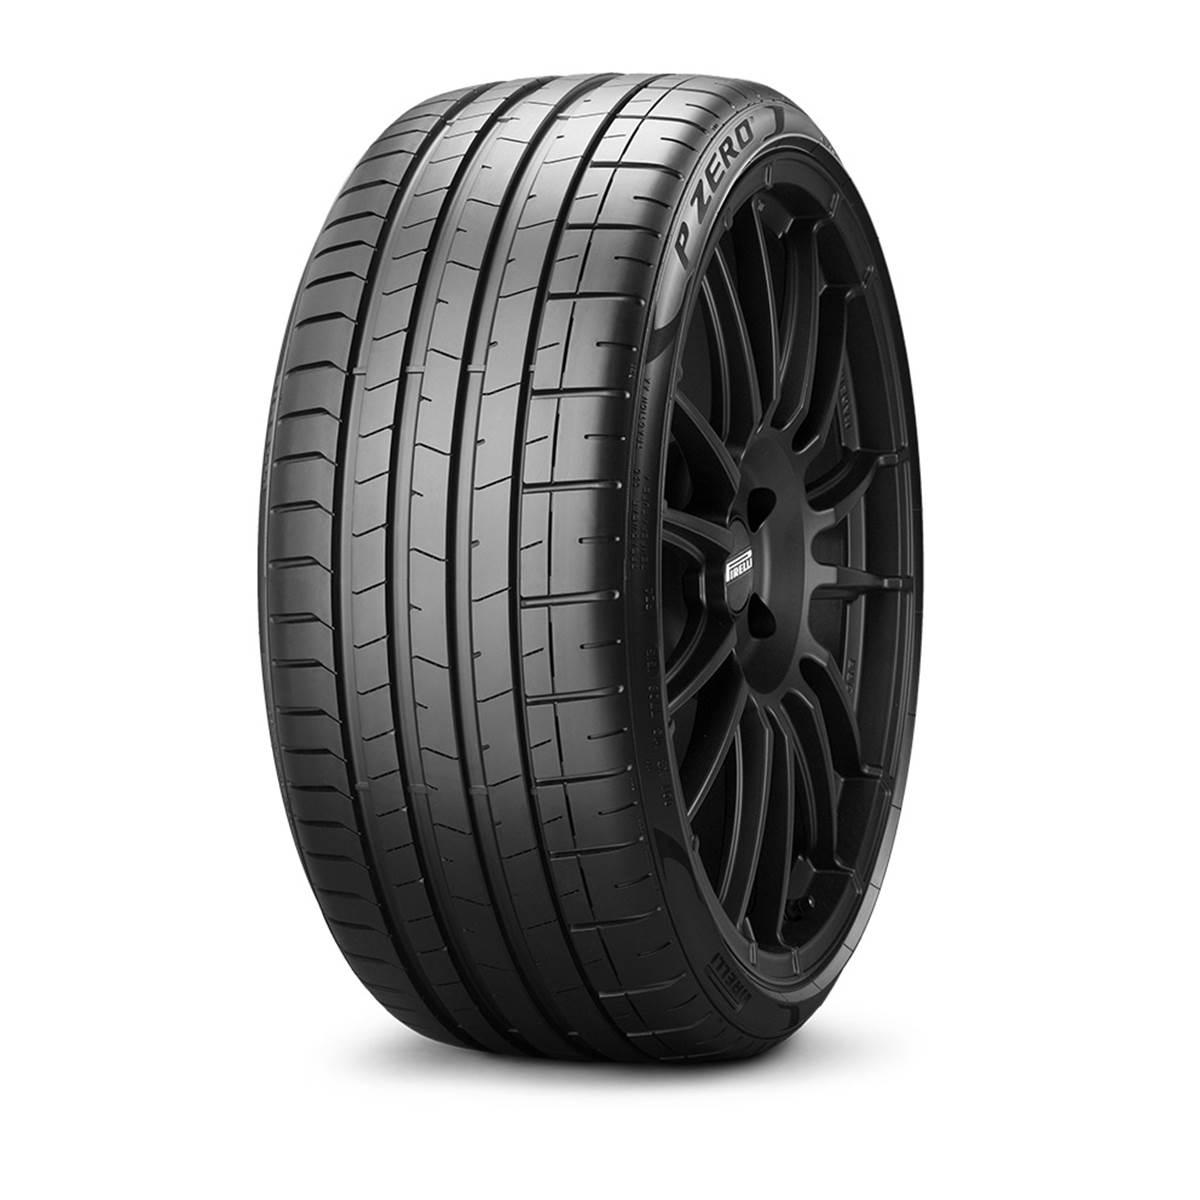 Pneu Pirelli 265/45R20 108Y Pzero XL